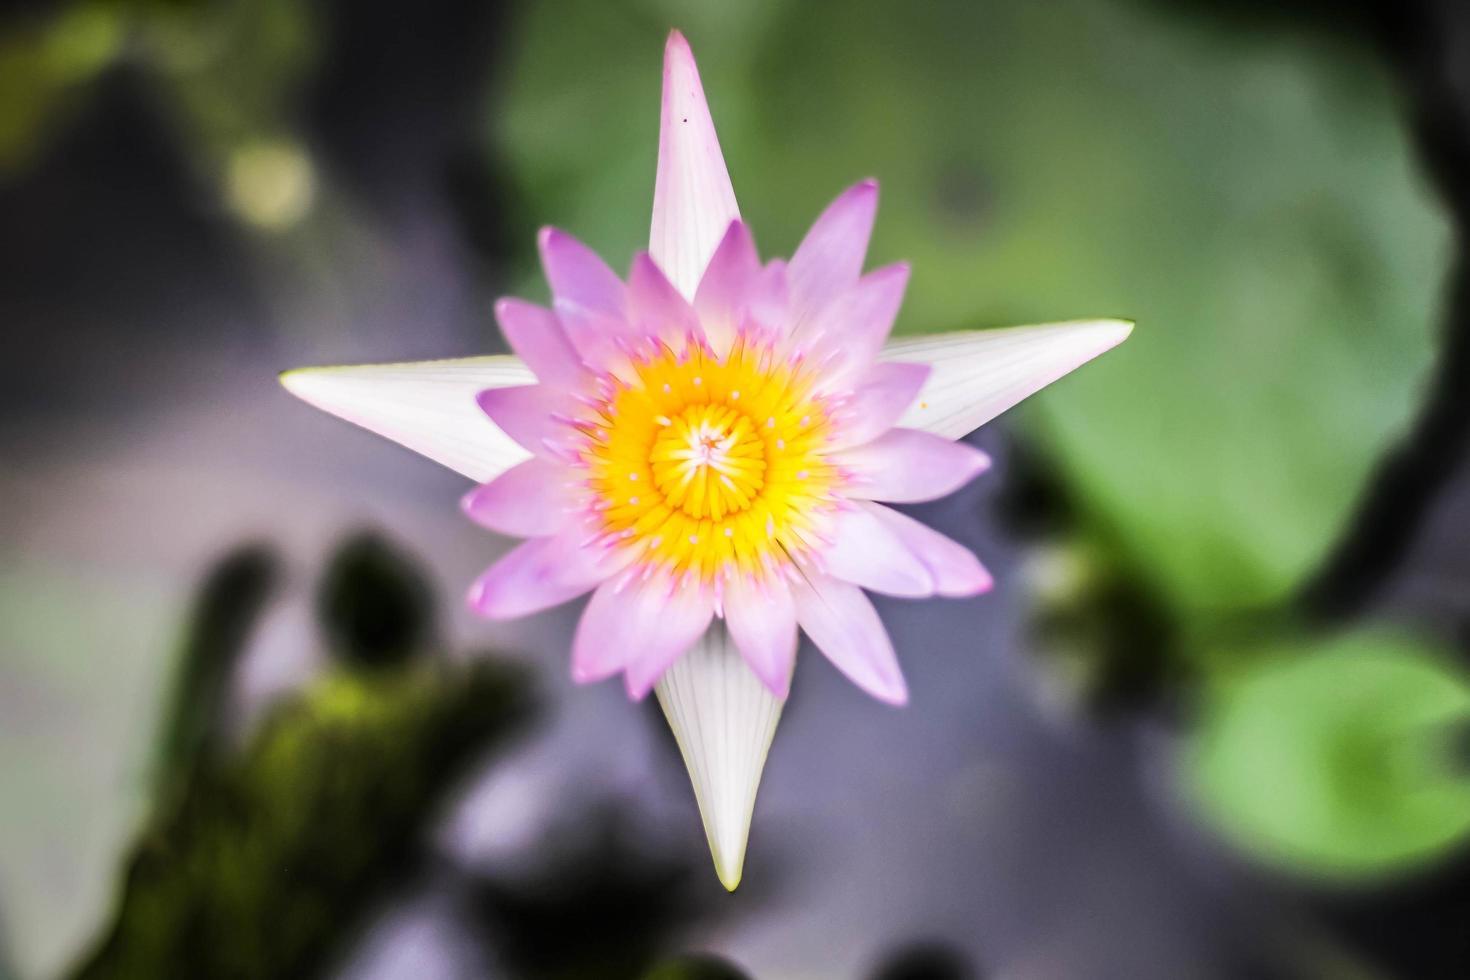 fleur de lotus pourpre avec pollen jaune photo